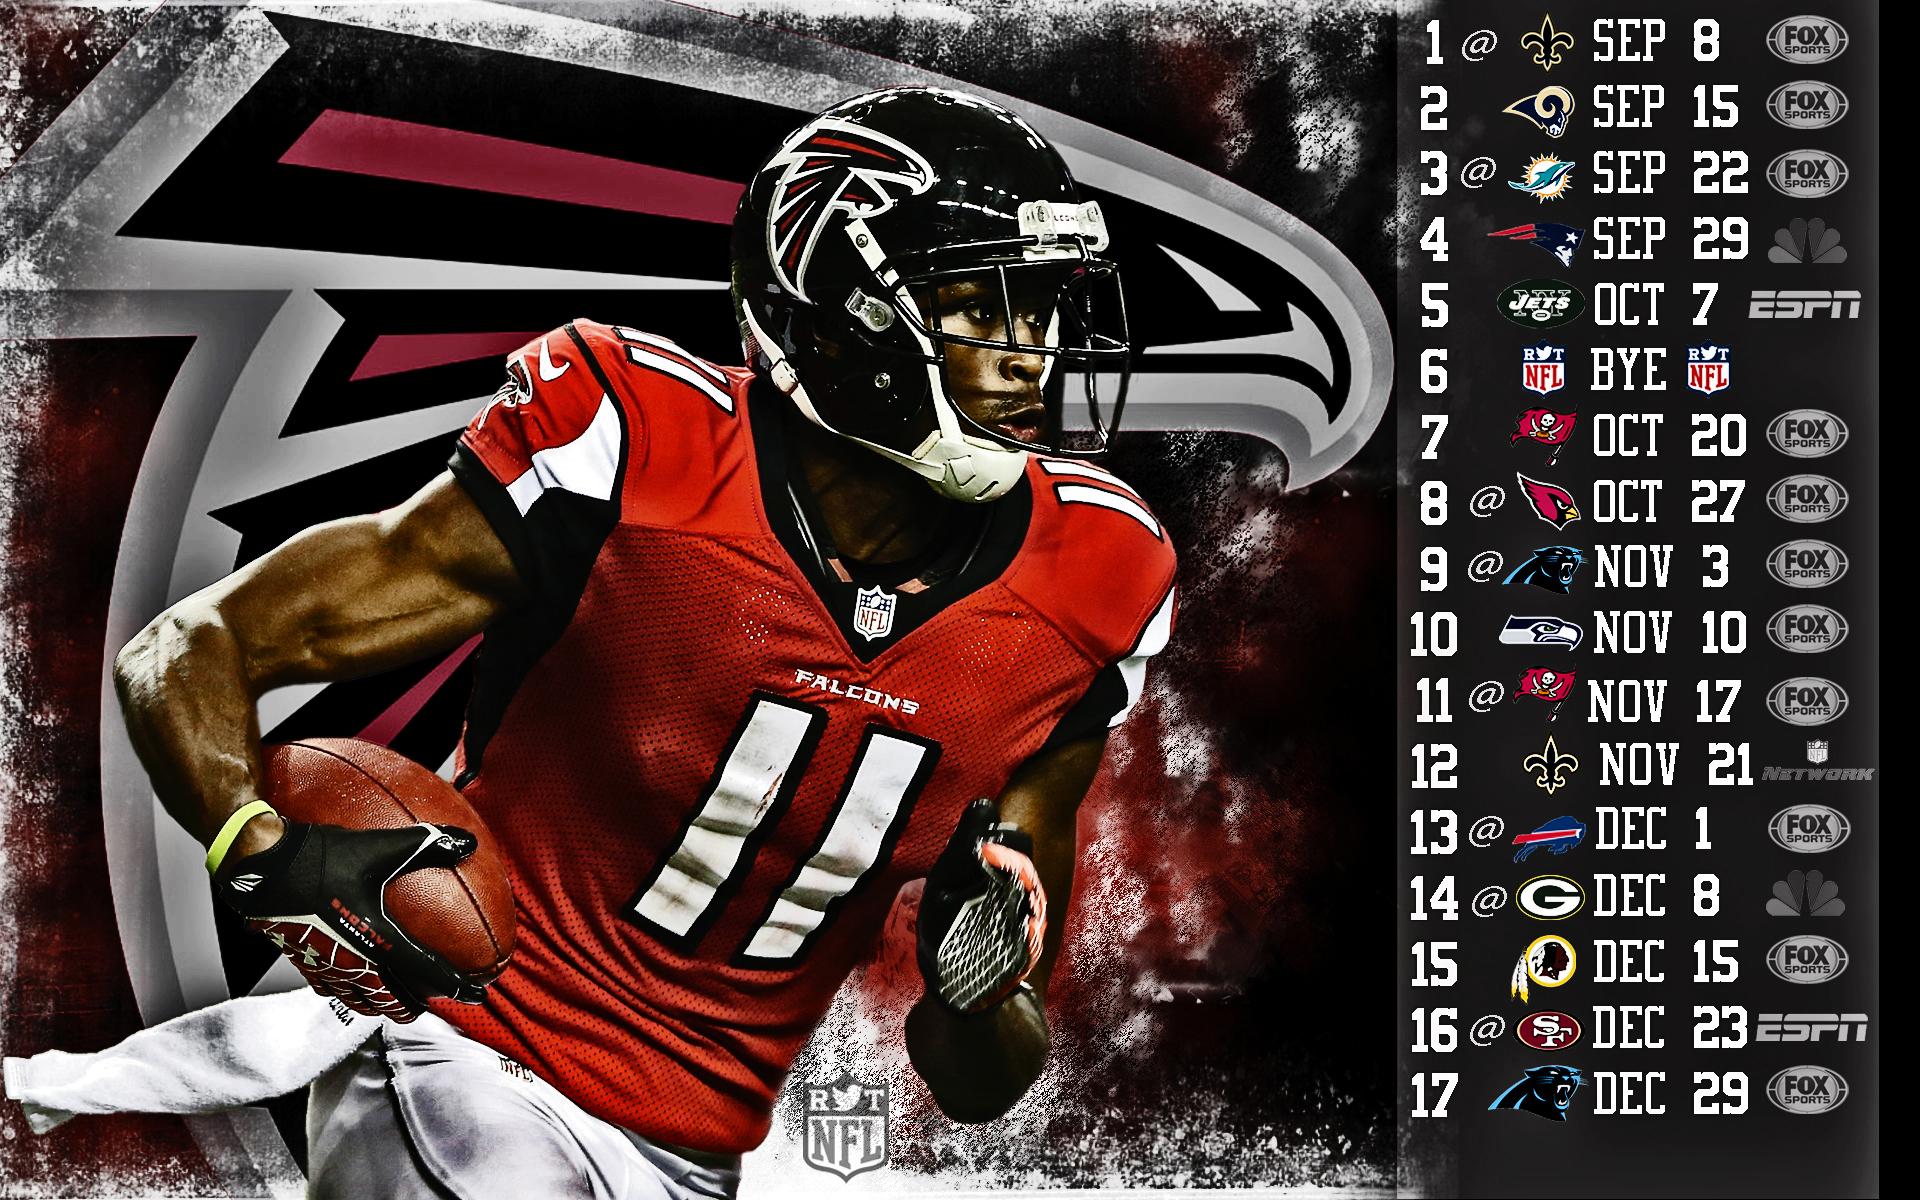 2013 Atlanta Falcons football nfl wallpaper | 1920x1200 ...